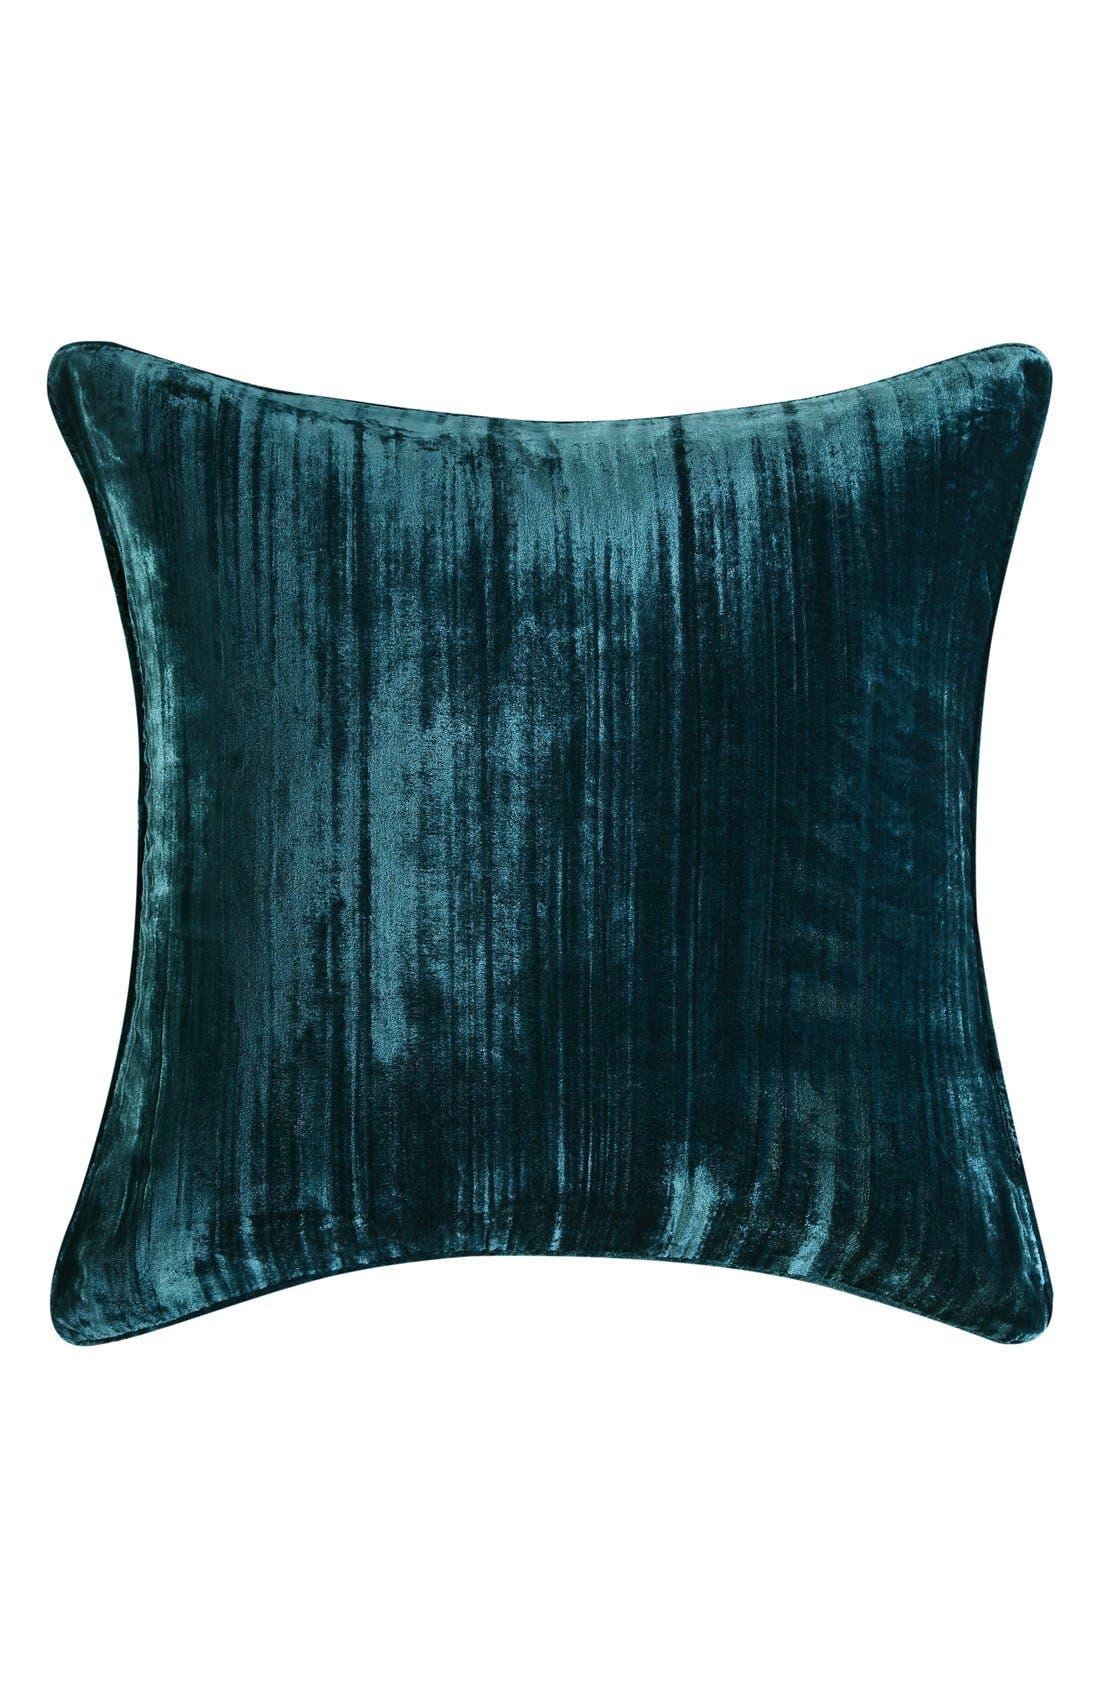 Main Image - Tracy Porter® For Poetic Wanderlust® 'Sisley' Velvet Pillow